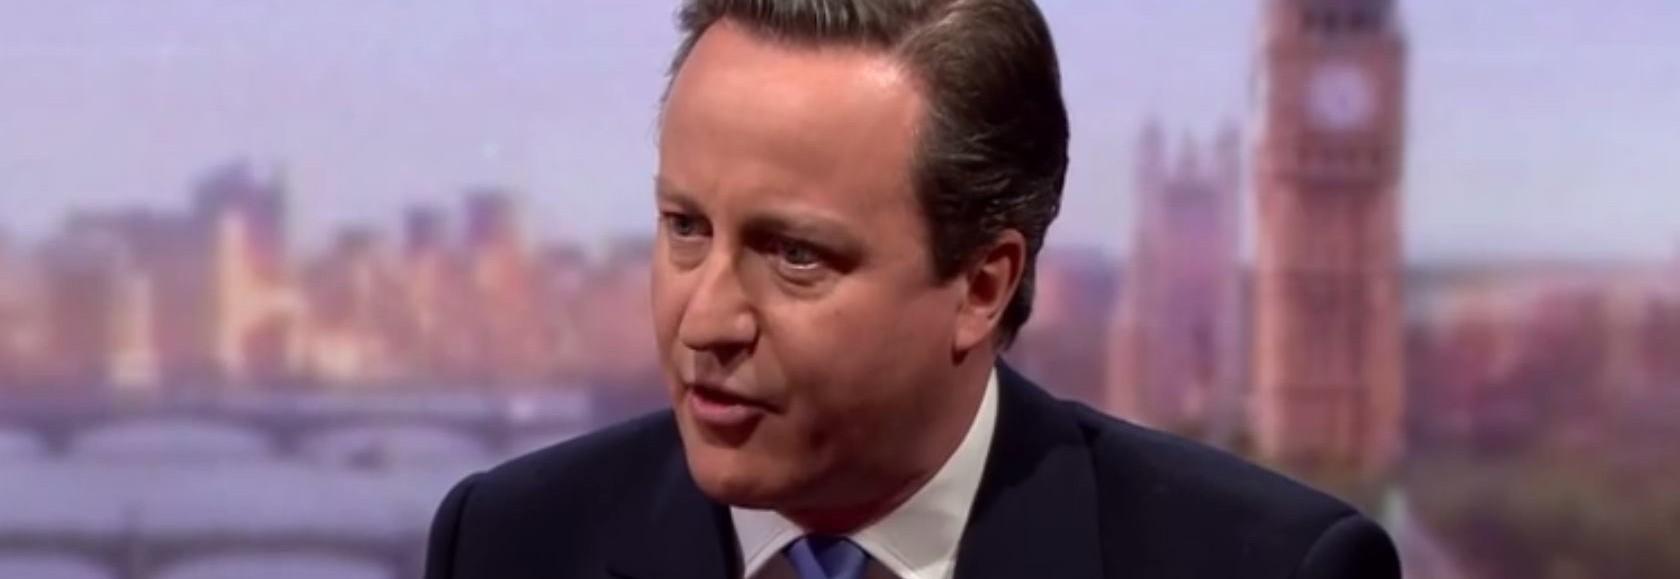 POČETAK NOVOG MANDATA Cameron obećao referendum o EU-u i veće ovlasti Škotskoj